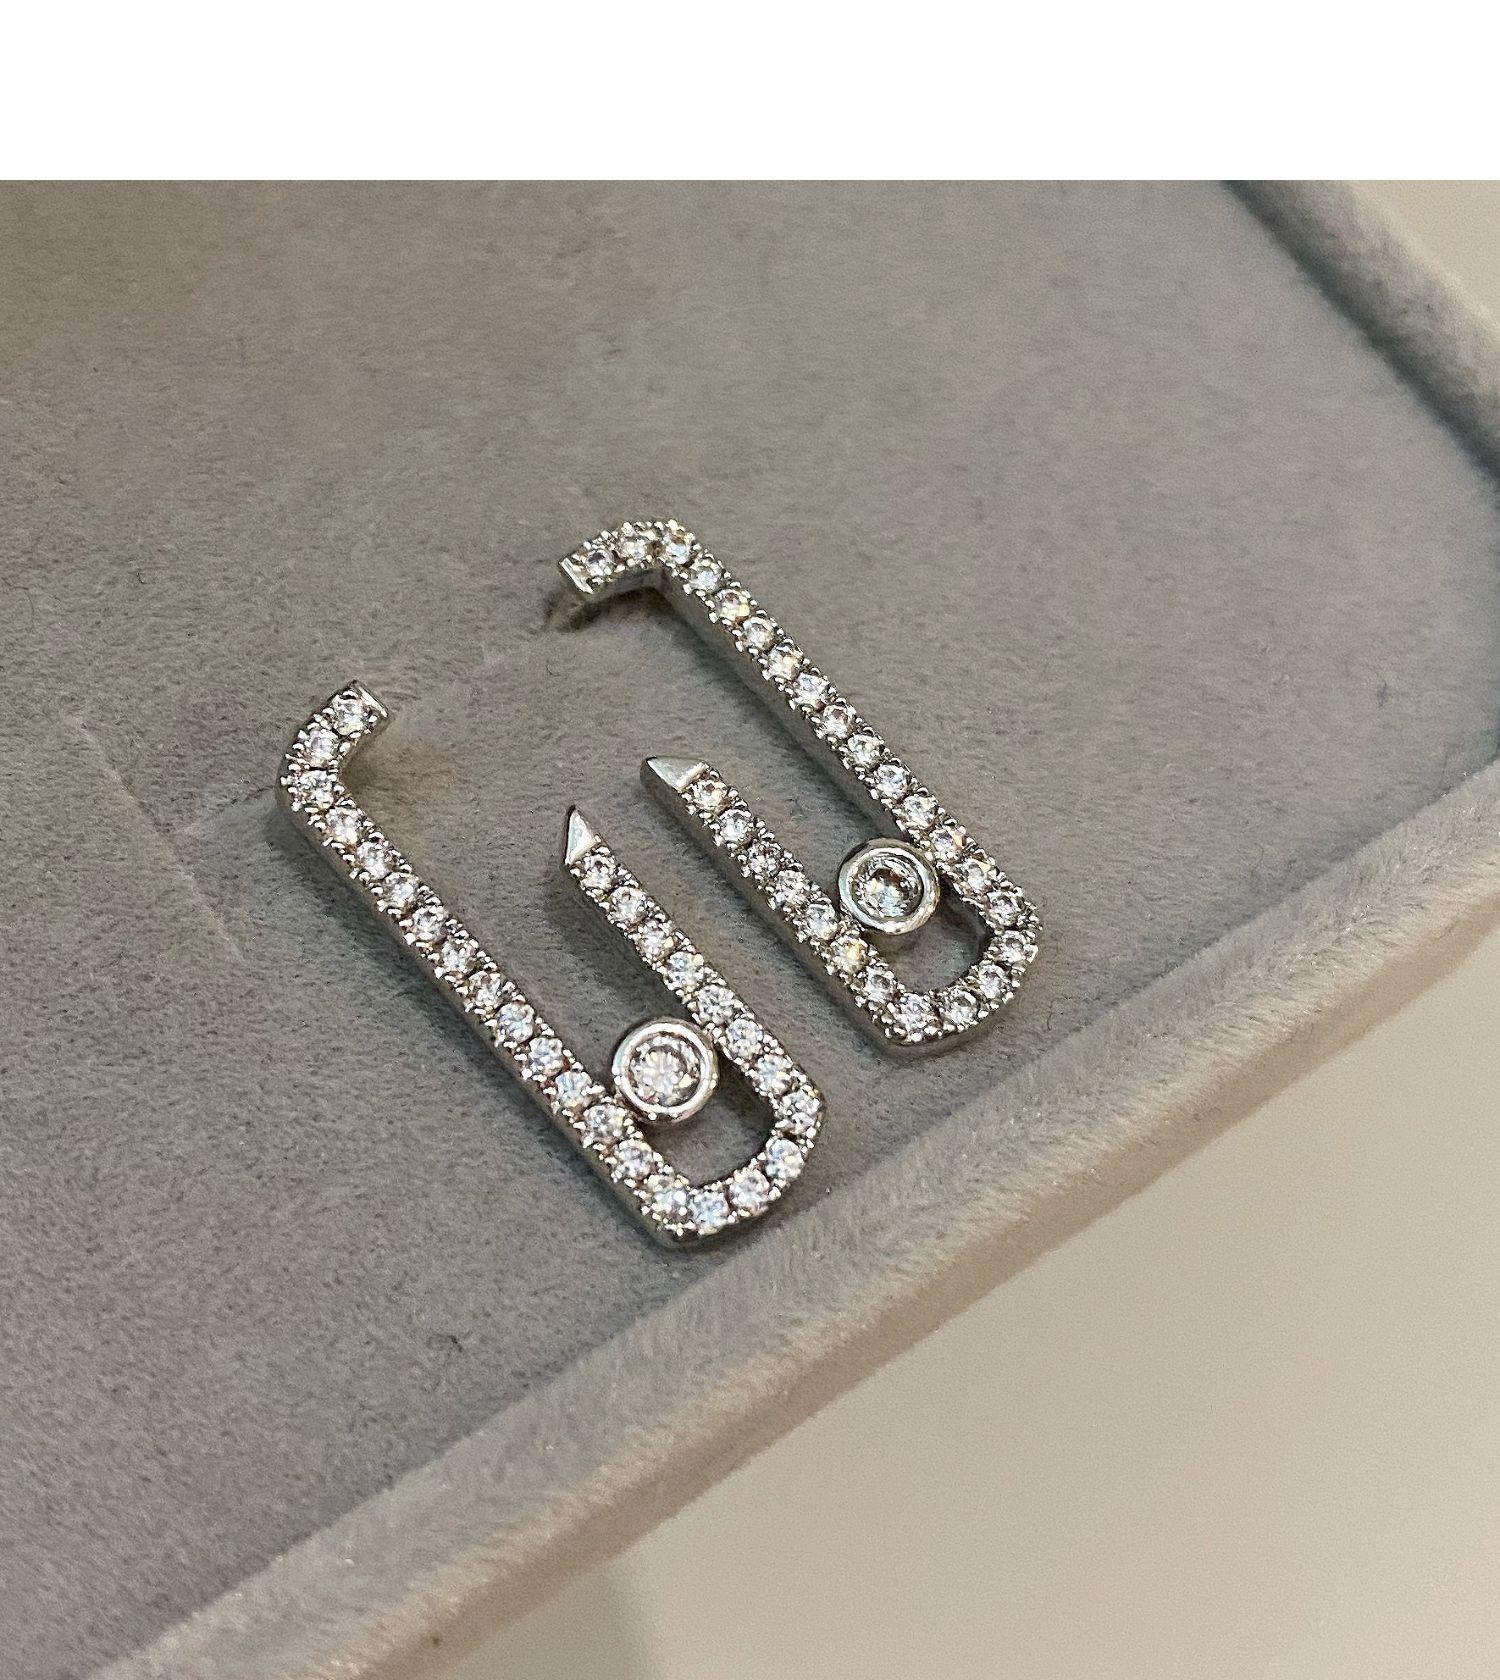 Boucle d'oreille originale design graphique d'oreilles élégantes et simples boucles d'oreilles déplacez la toxicomanie déplacer boucle goutte Valentin boucle d'oreille CX200623